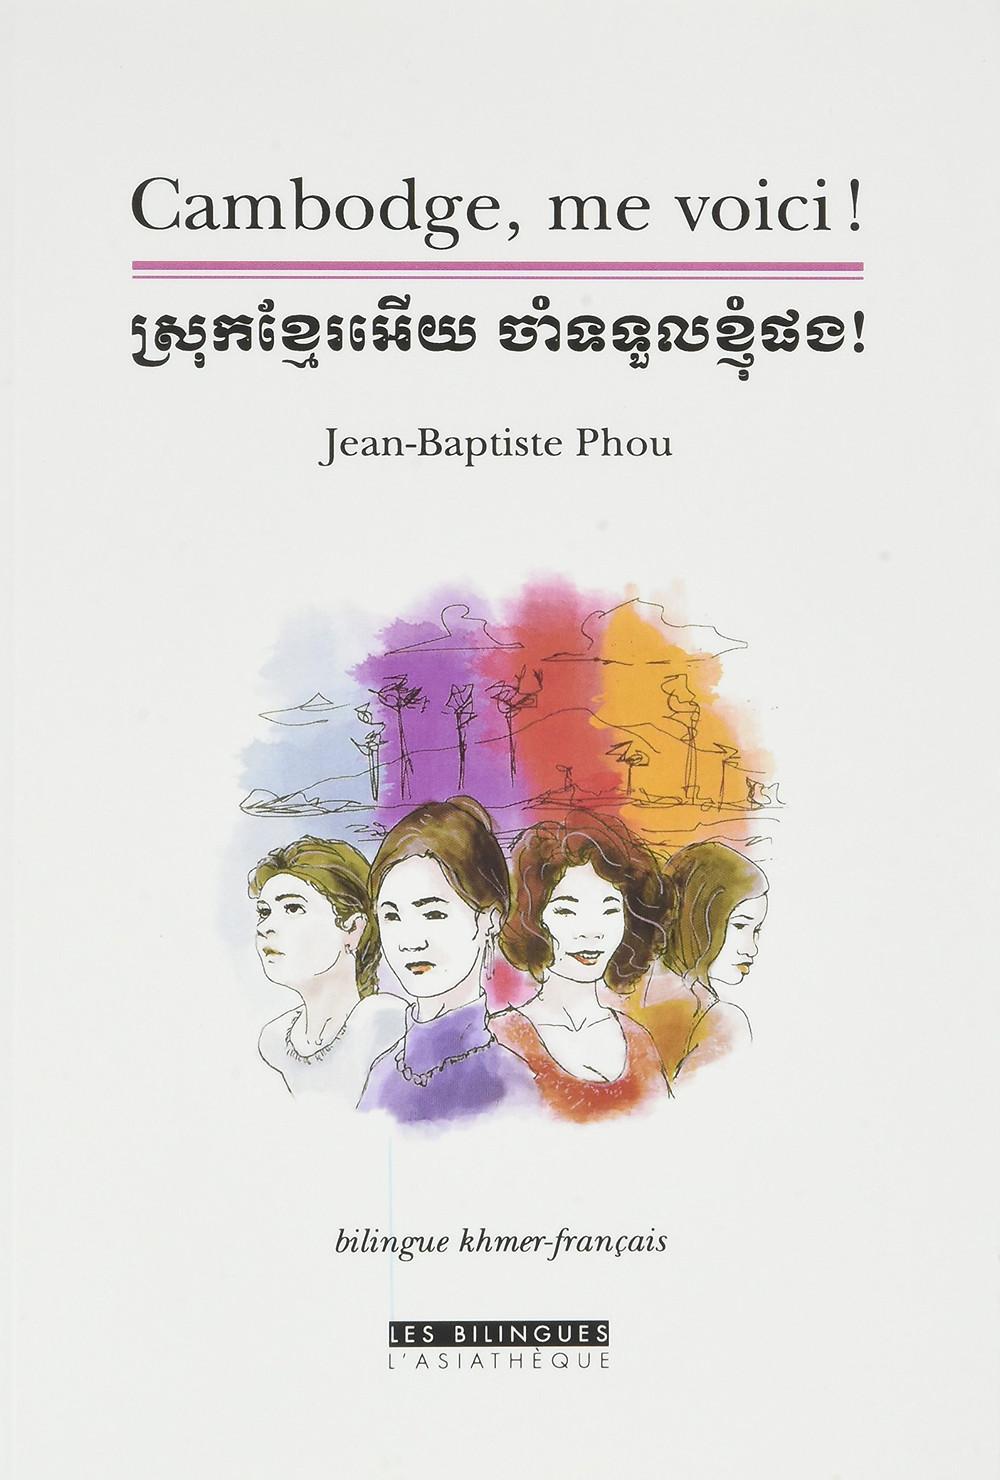 Un livre bilingue reprenant l'intégralité de la pièce «Cambodge, me voici» a été publié